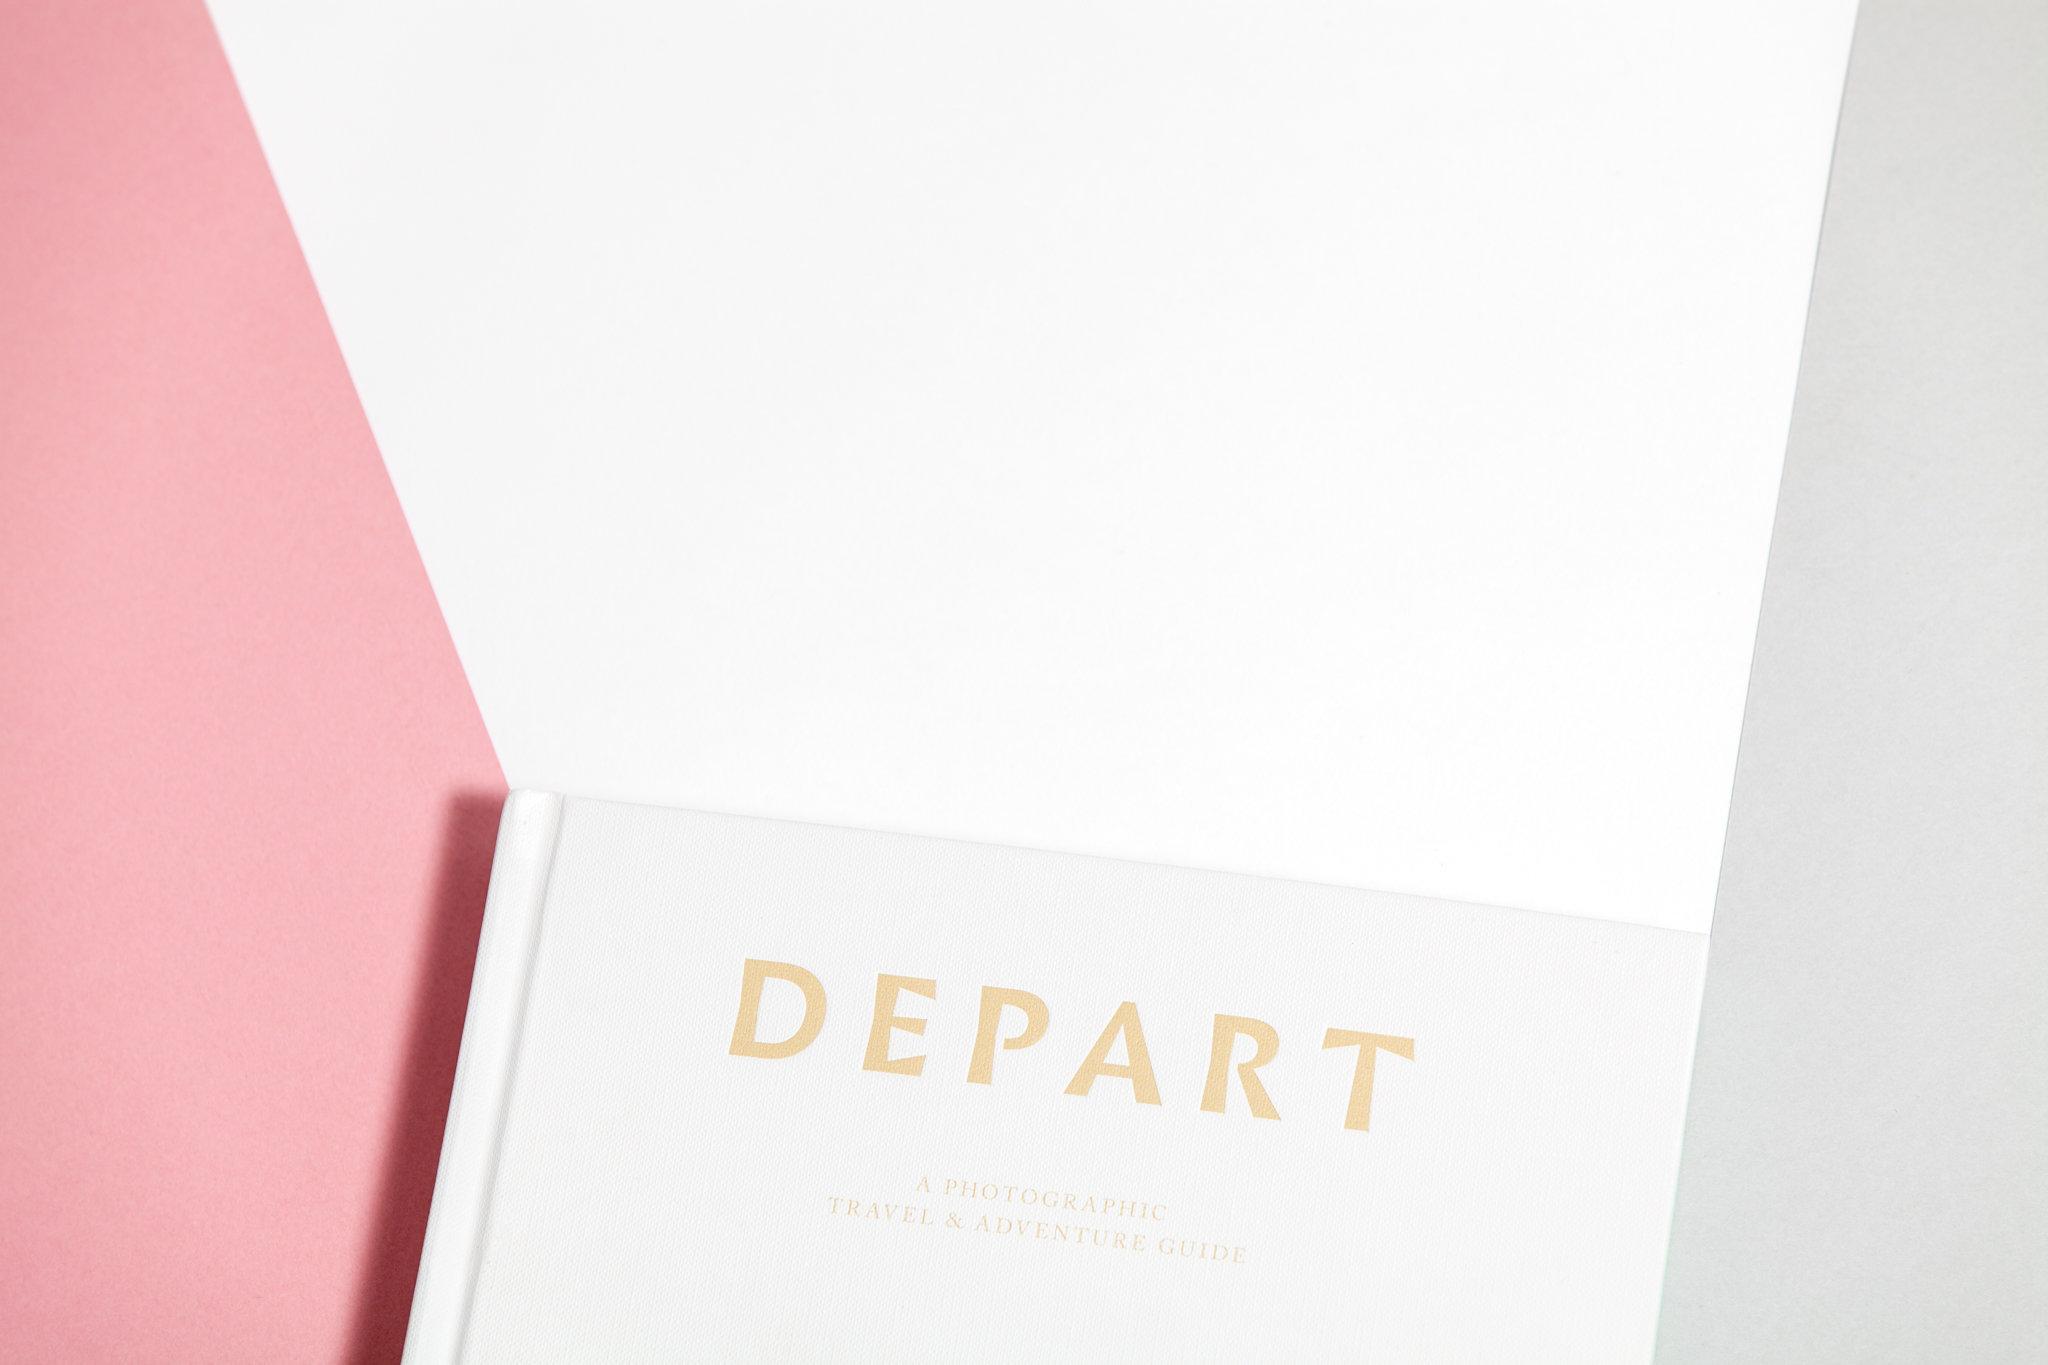 depart2_50.jpg